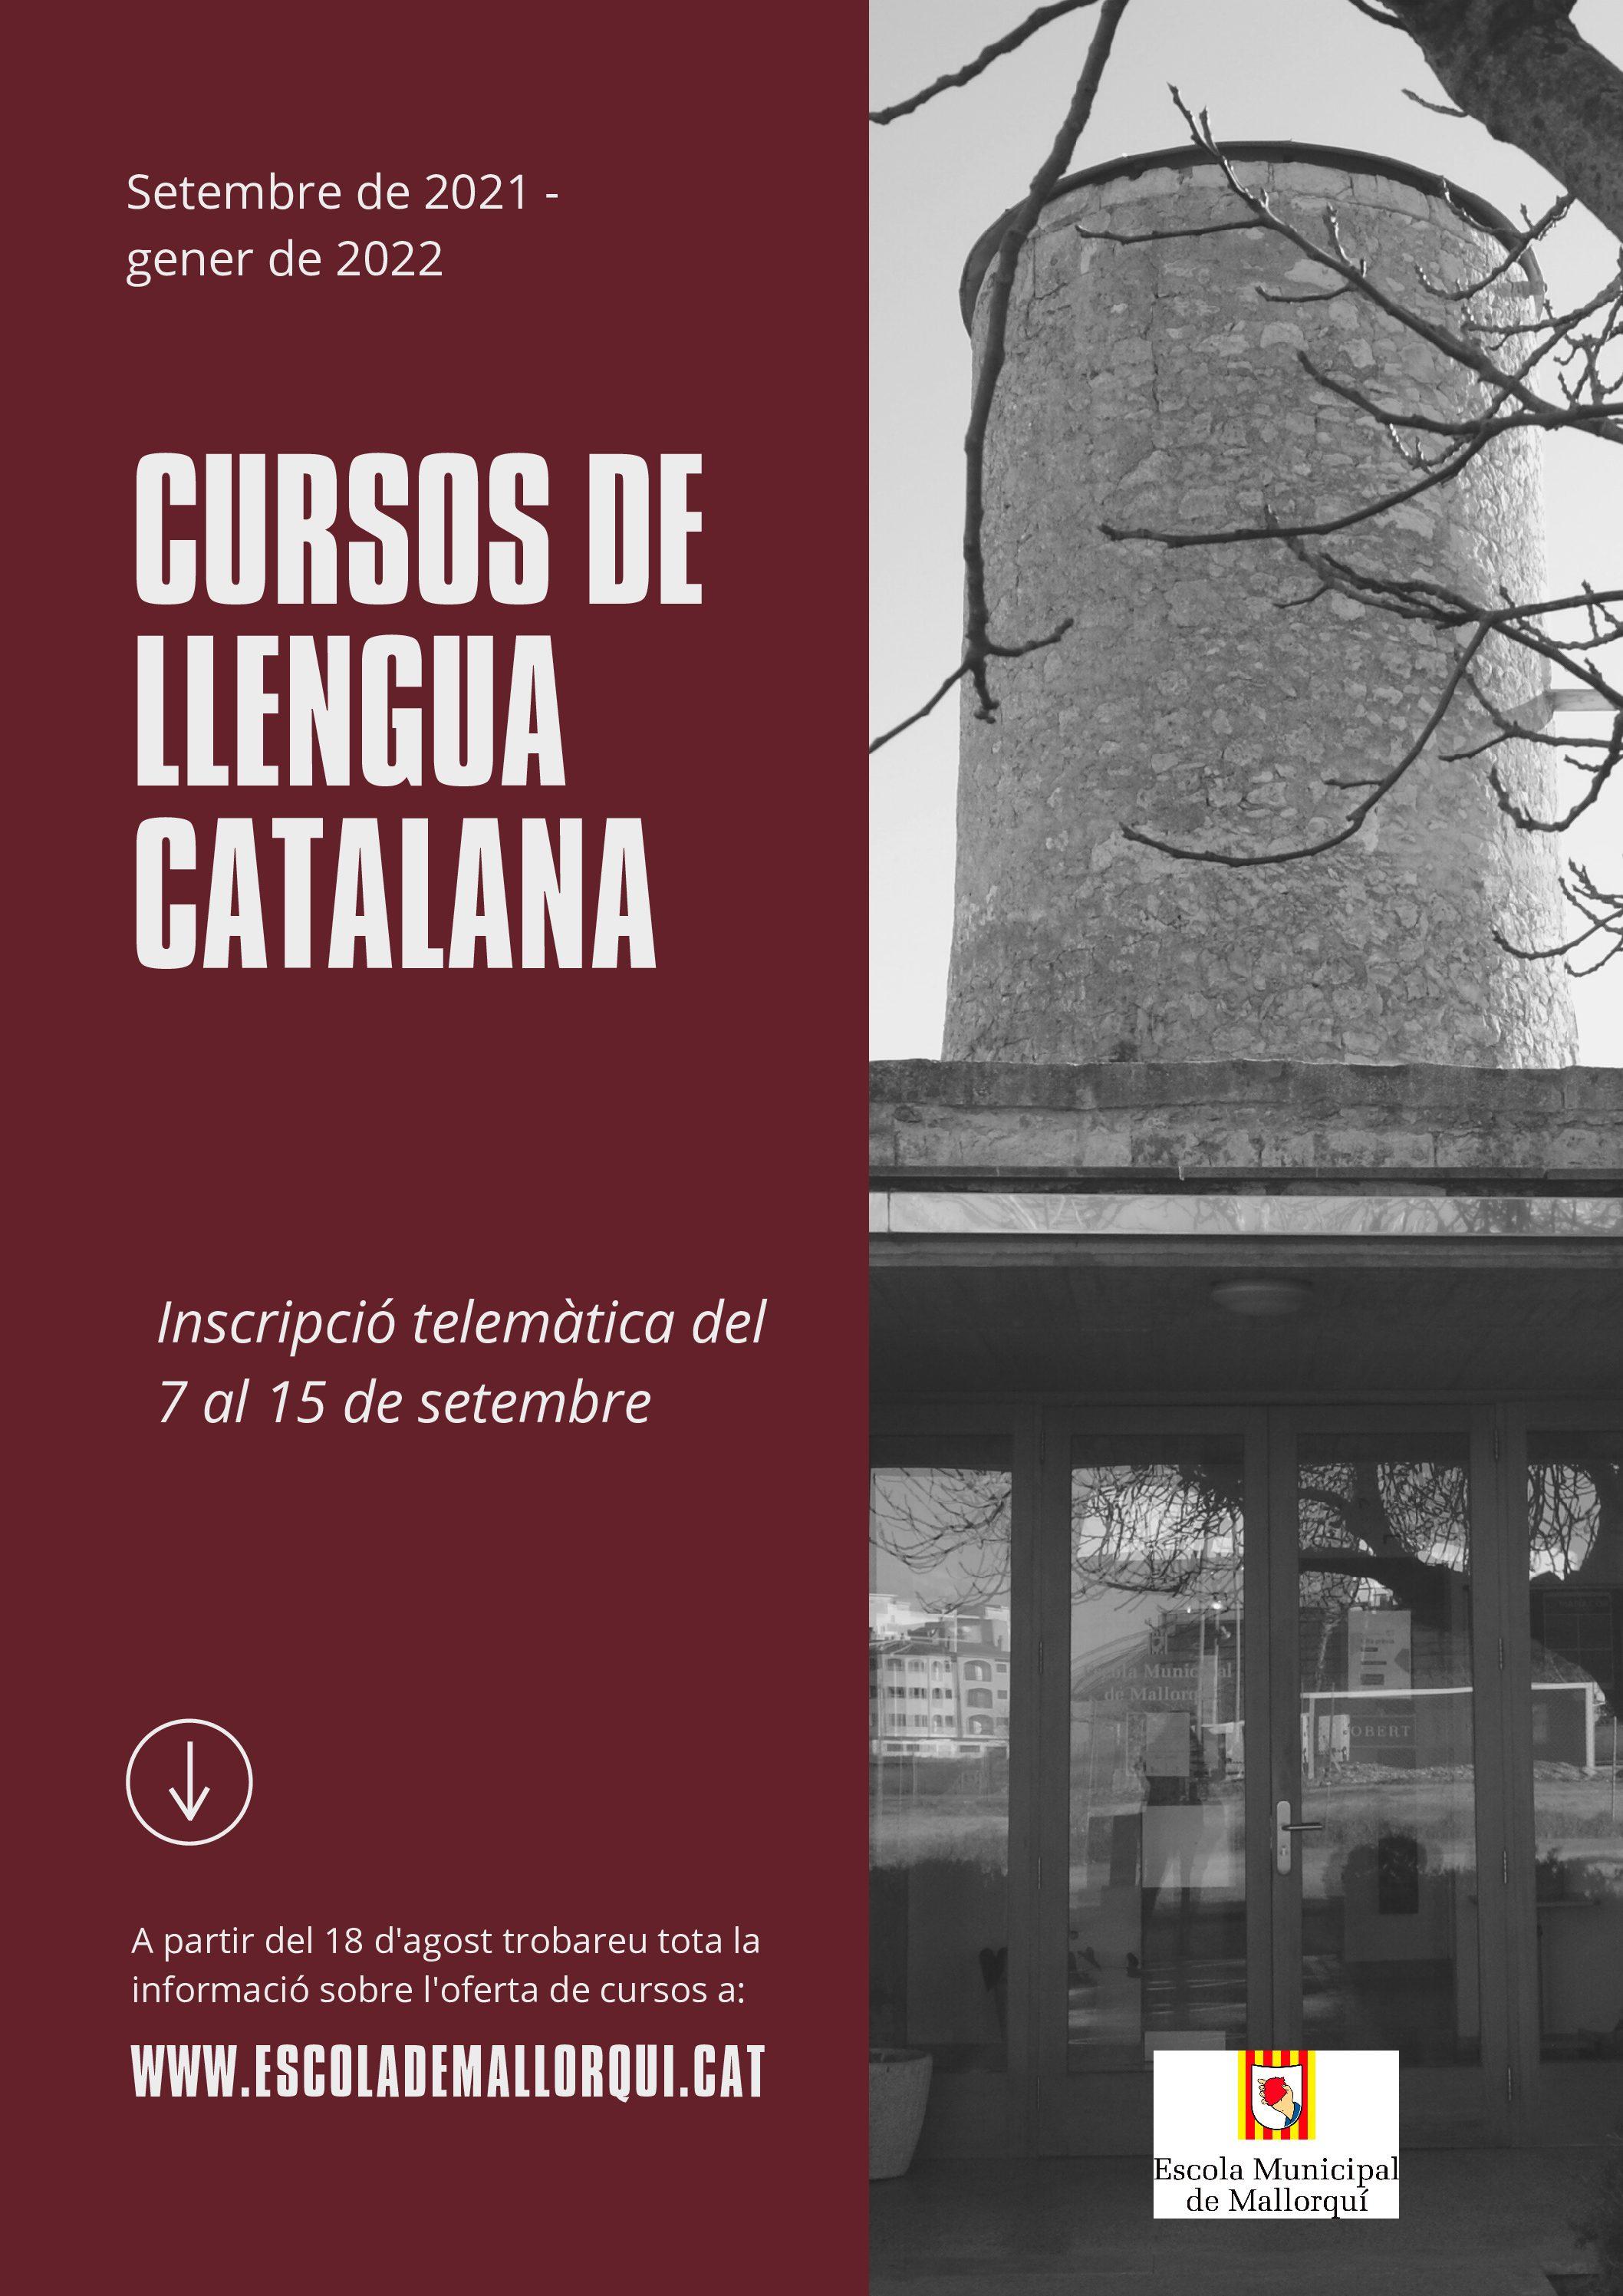 Cursos de llengua catalana setembre 2021-gener 2022